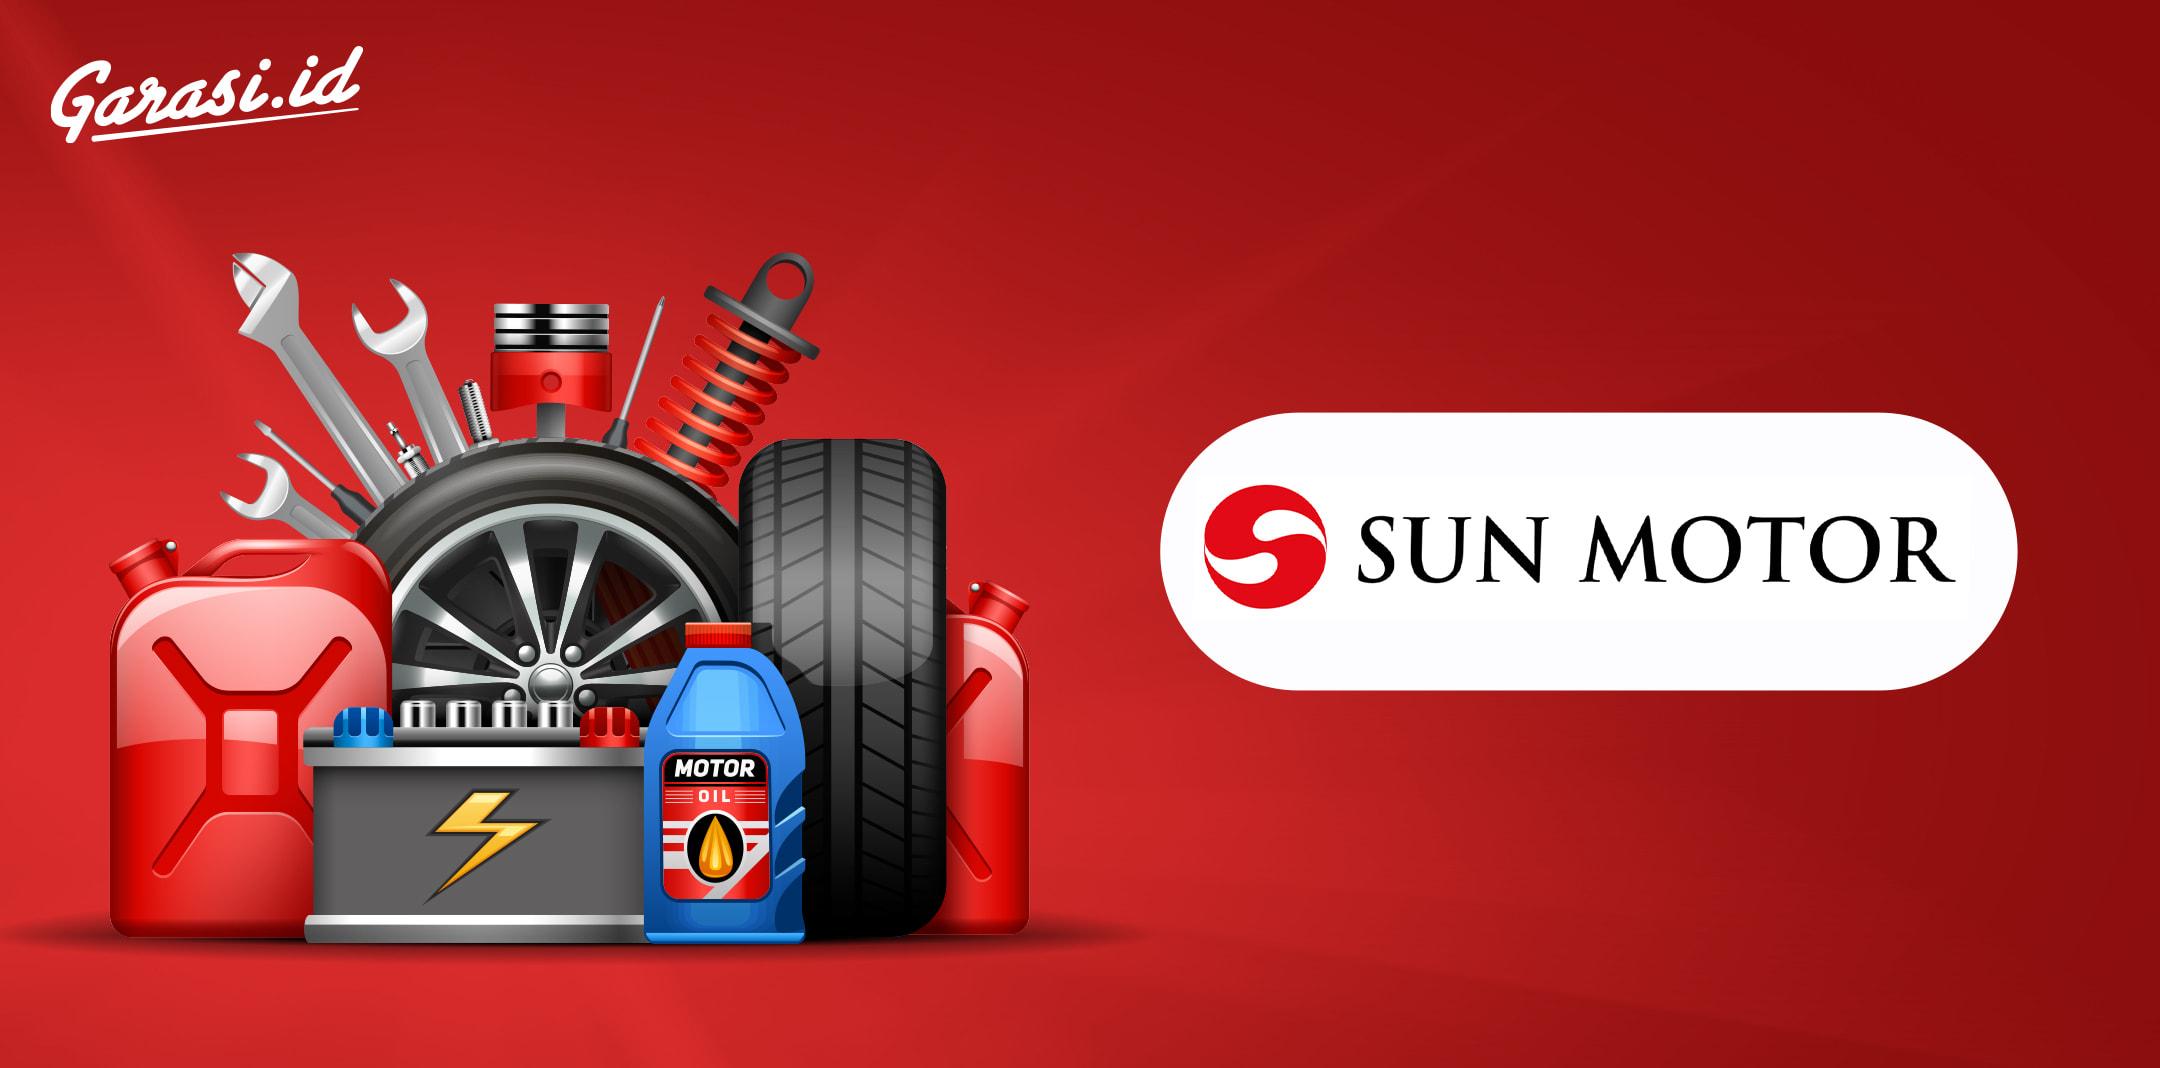 Sun Motor - Suzuki